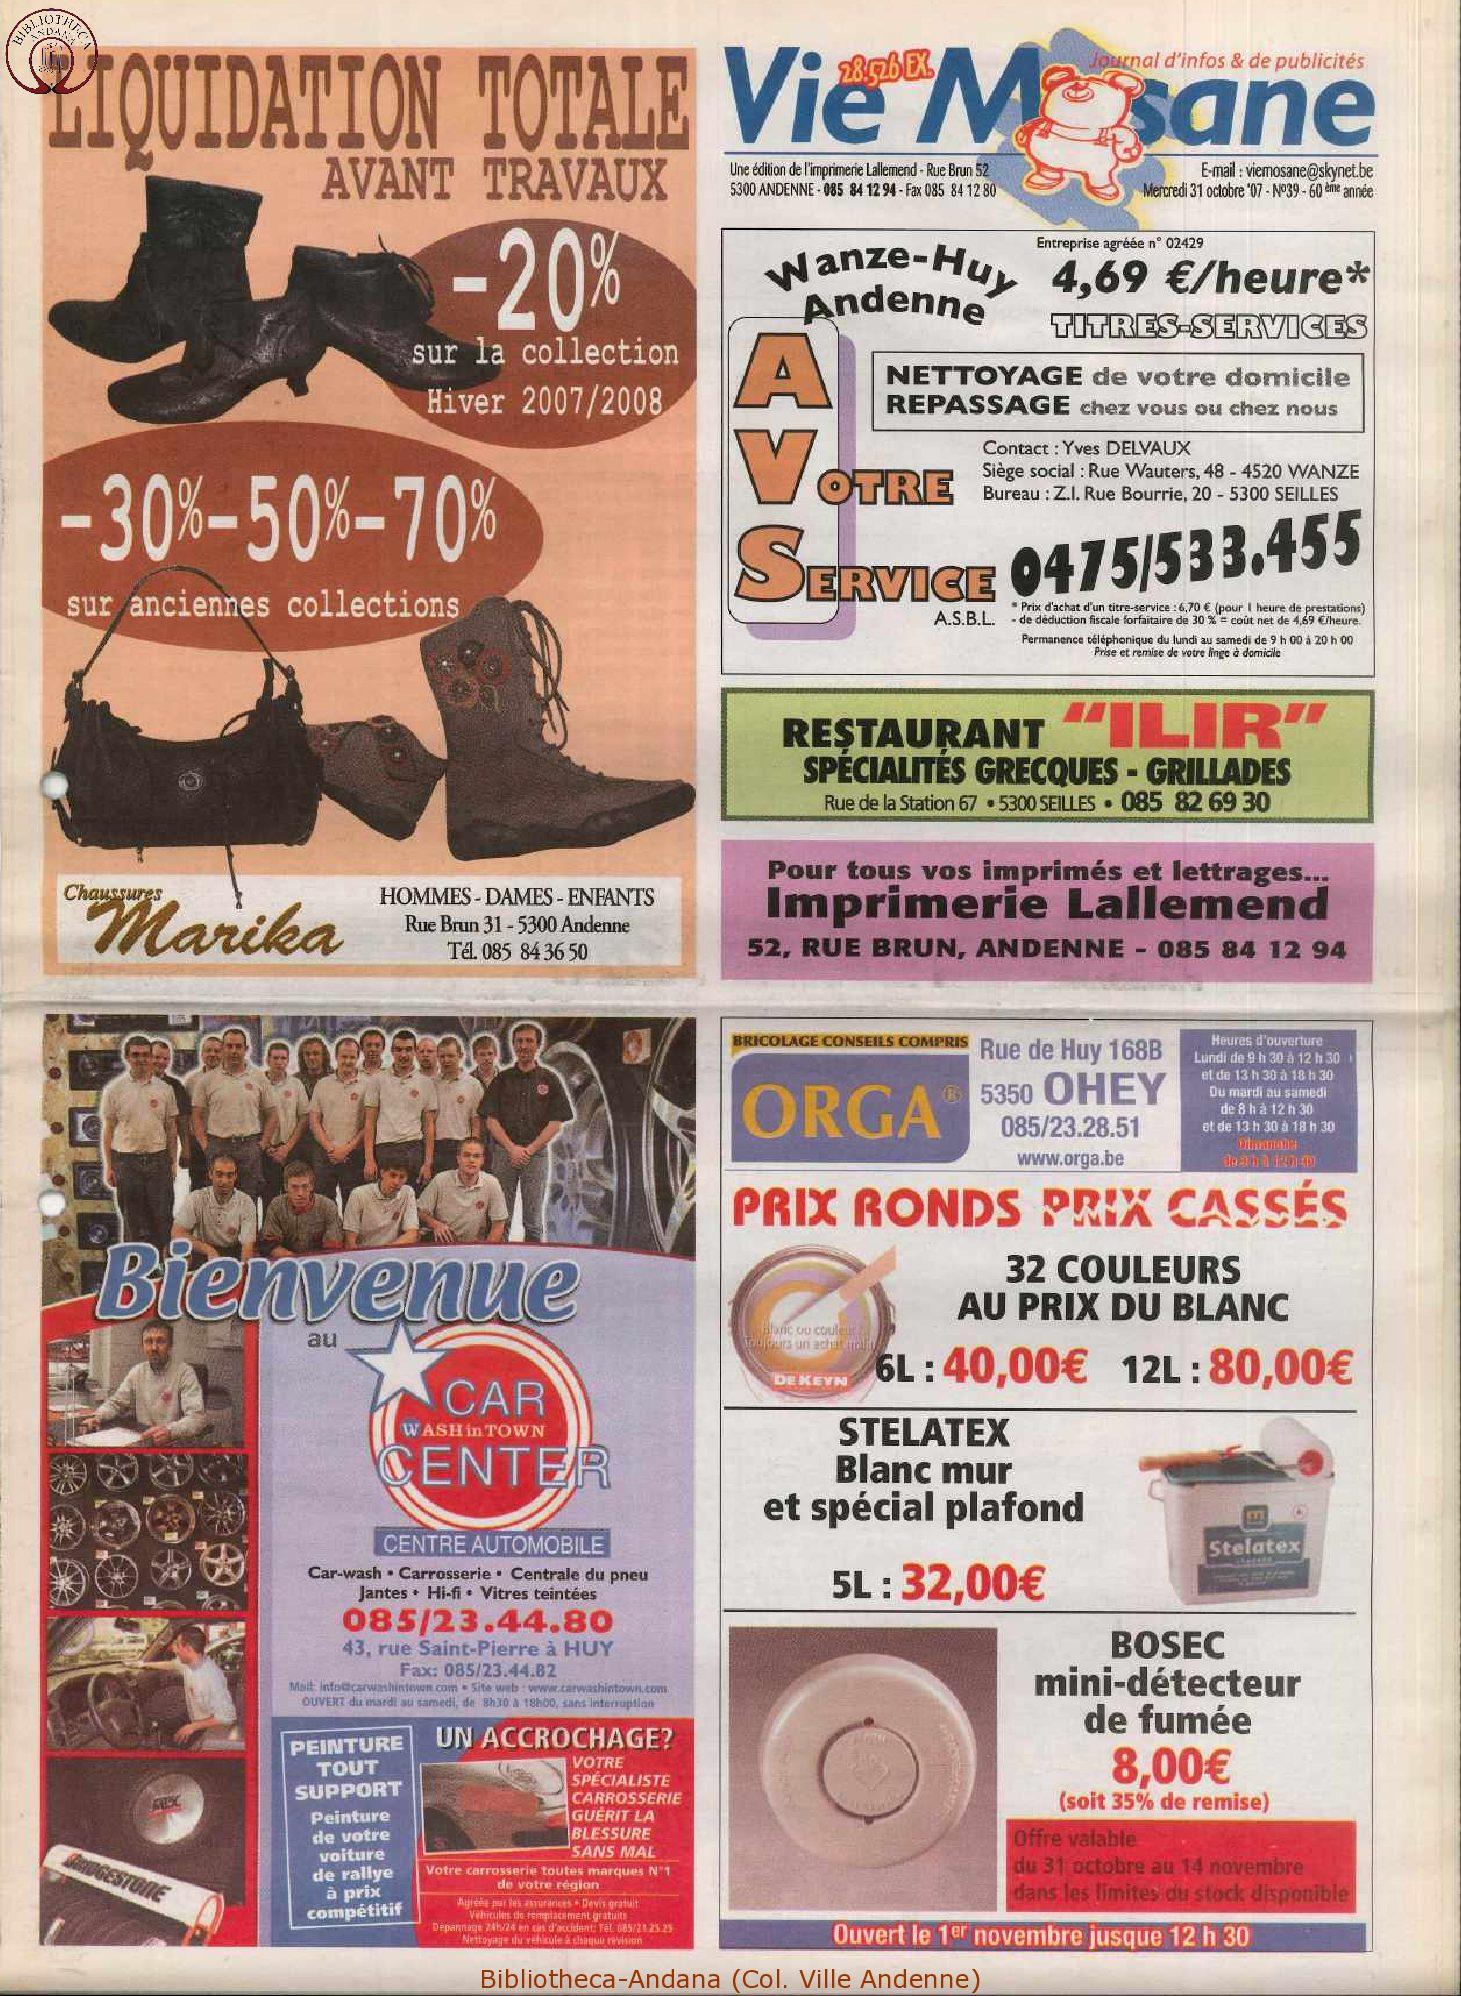 60e année - n°39 - 31 octobre 2007